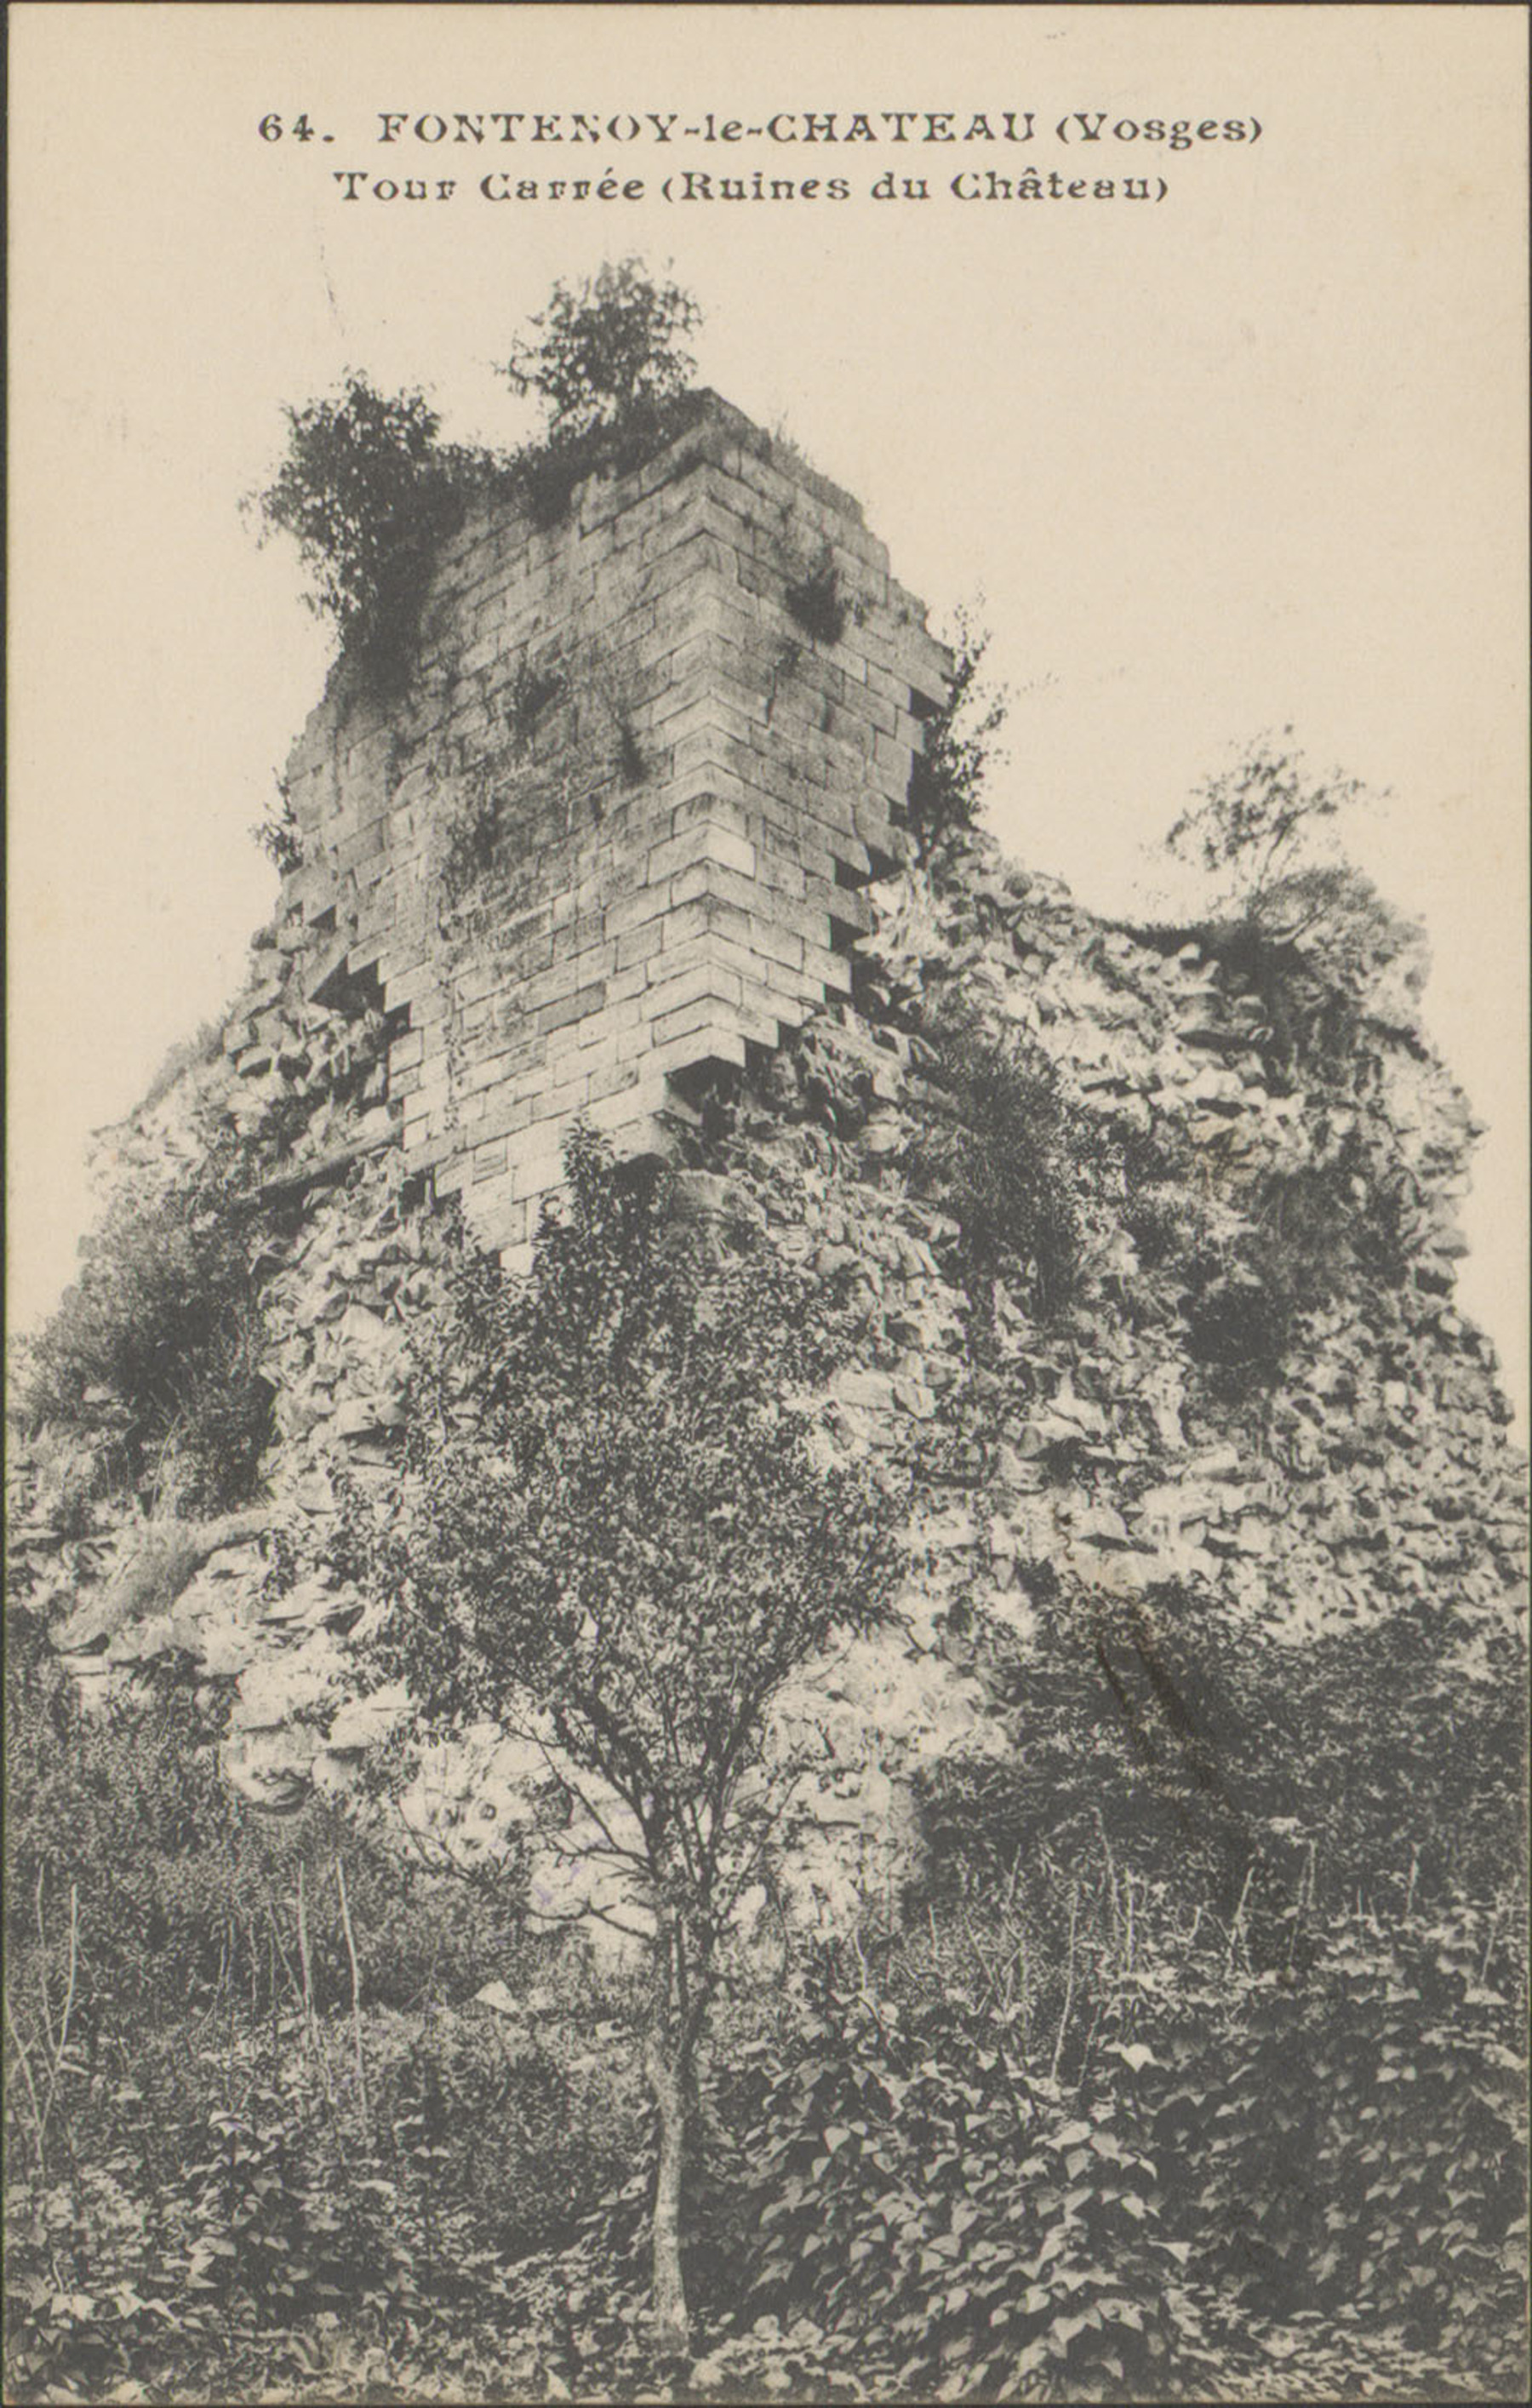 Contenu du Fontenoy-le-Château (Vosges), Tour carrée (Ruines du Château)